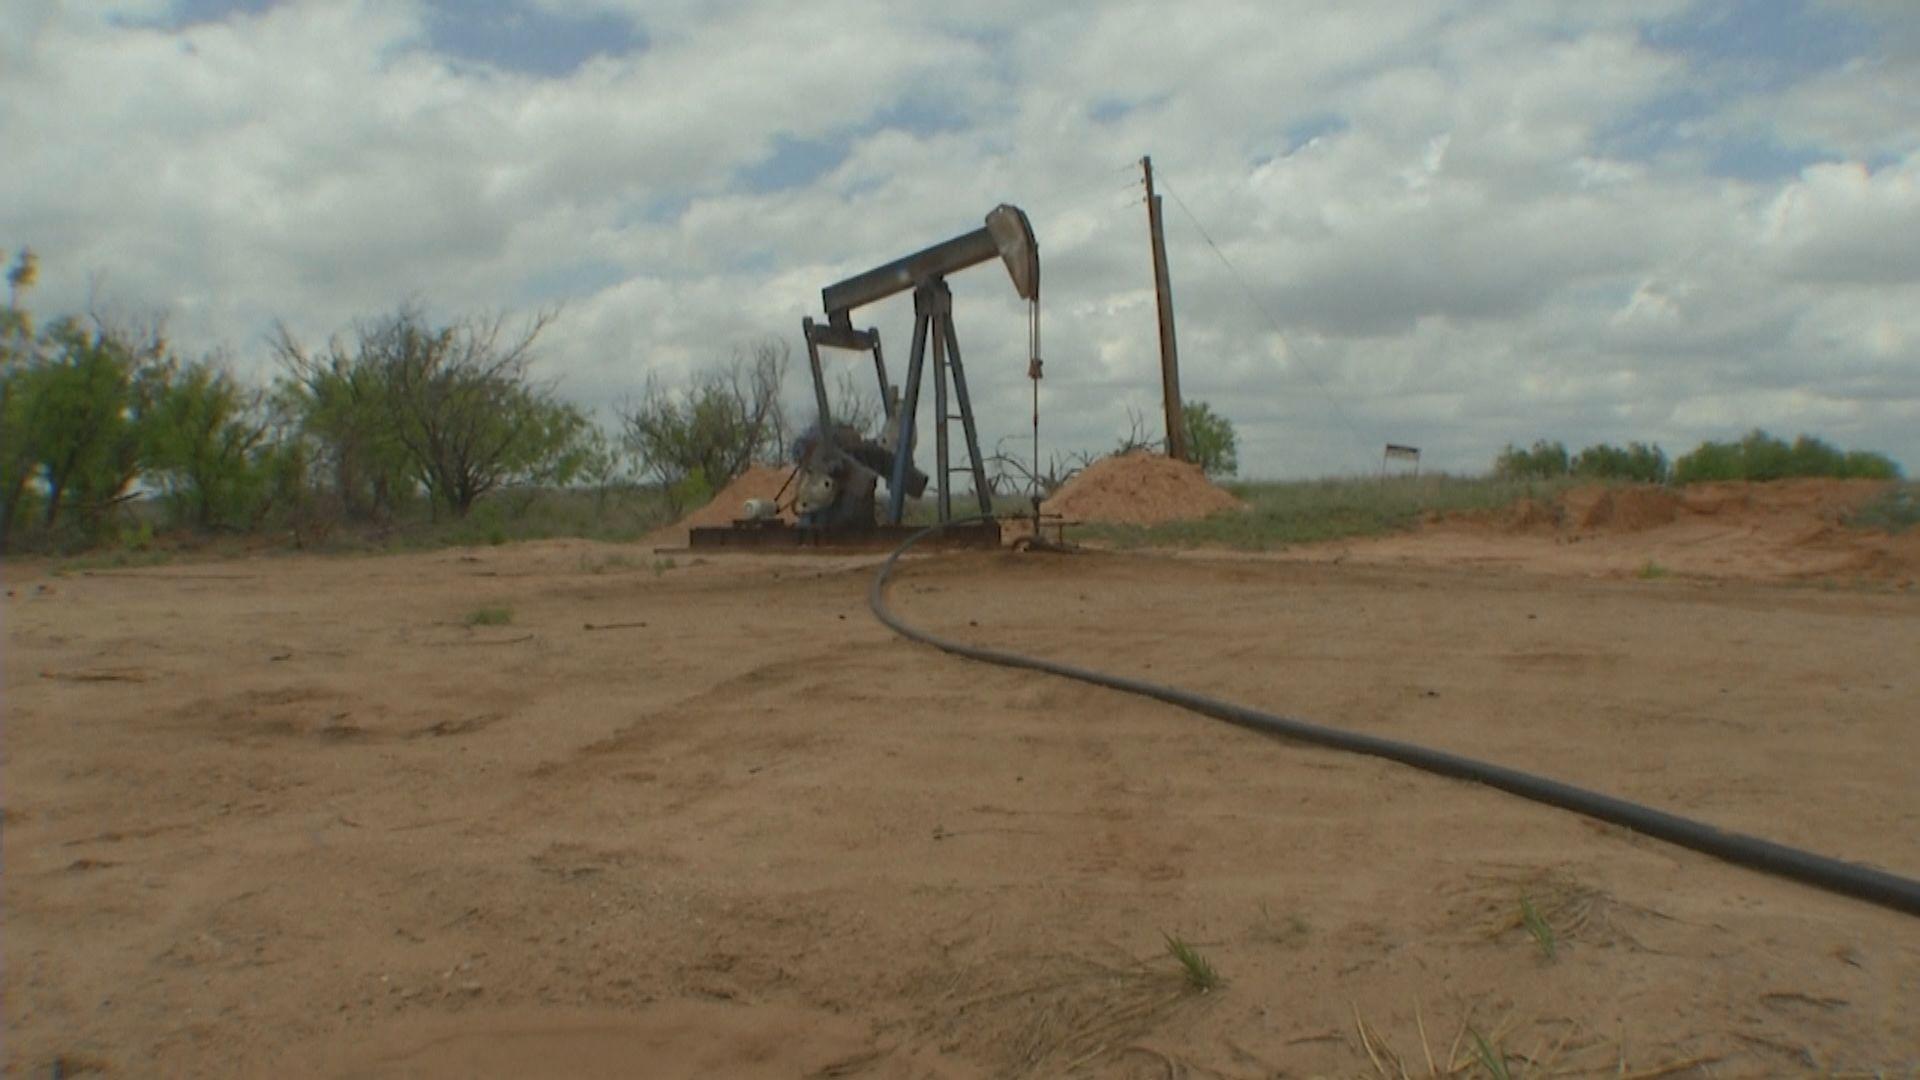 油價跌逾2% 因美原油庫存大增及伊朗核談判將重啟